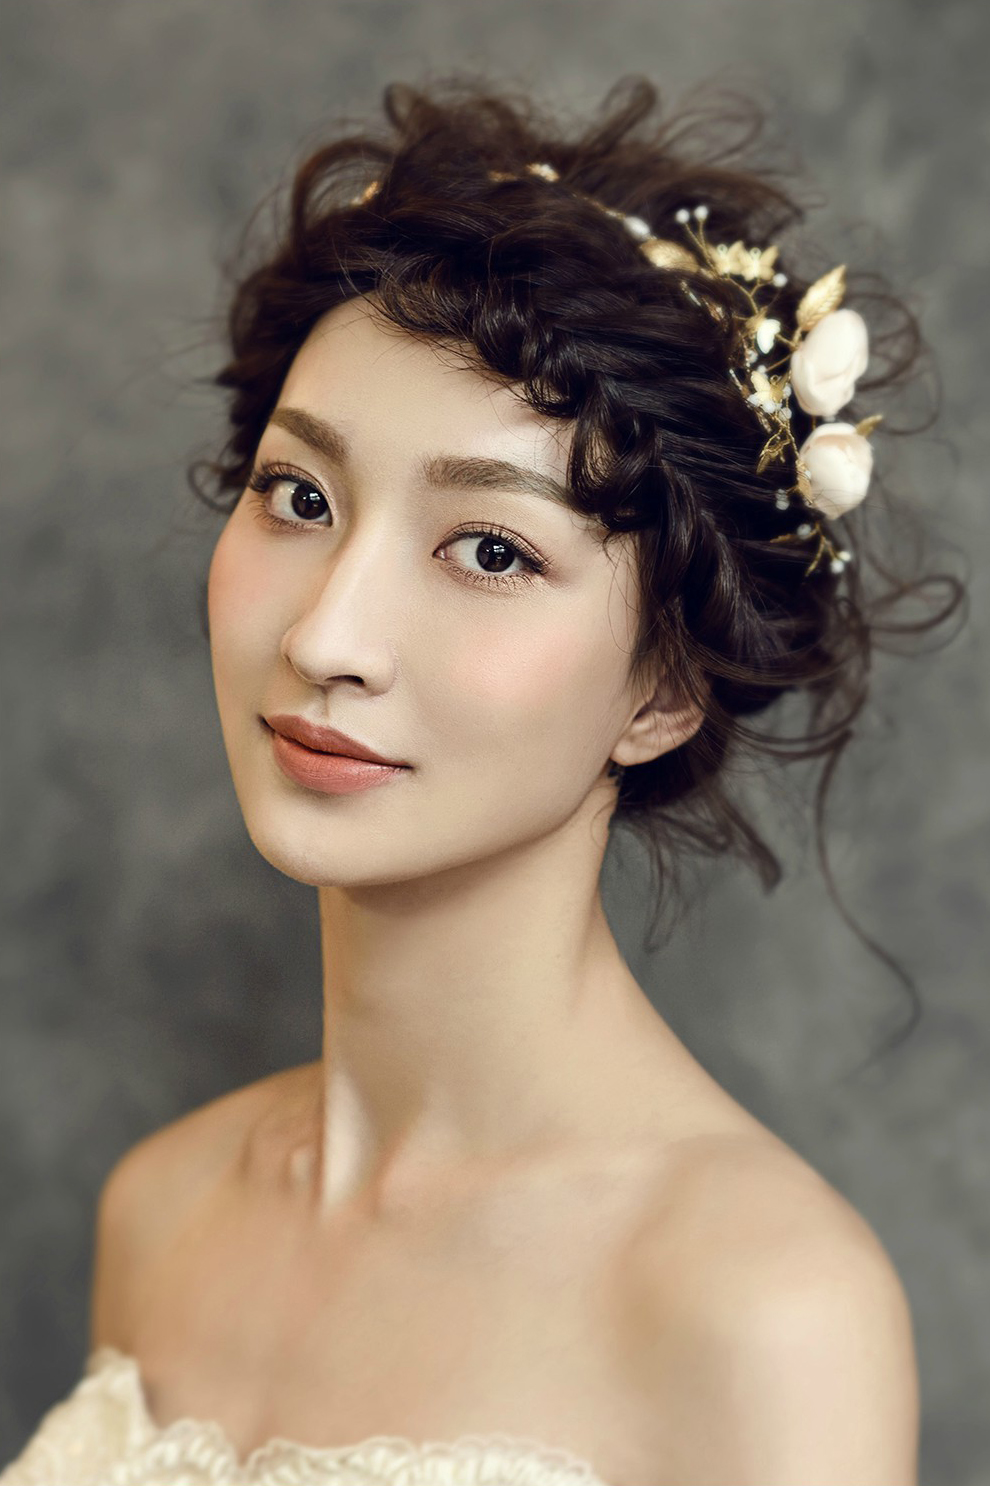 新娘造型妆容与波西米亚风格造型